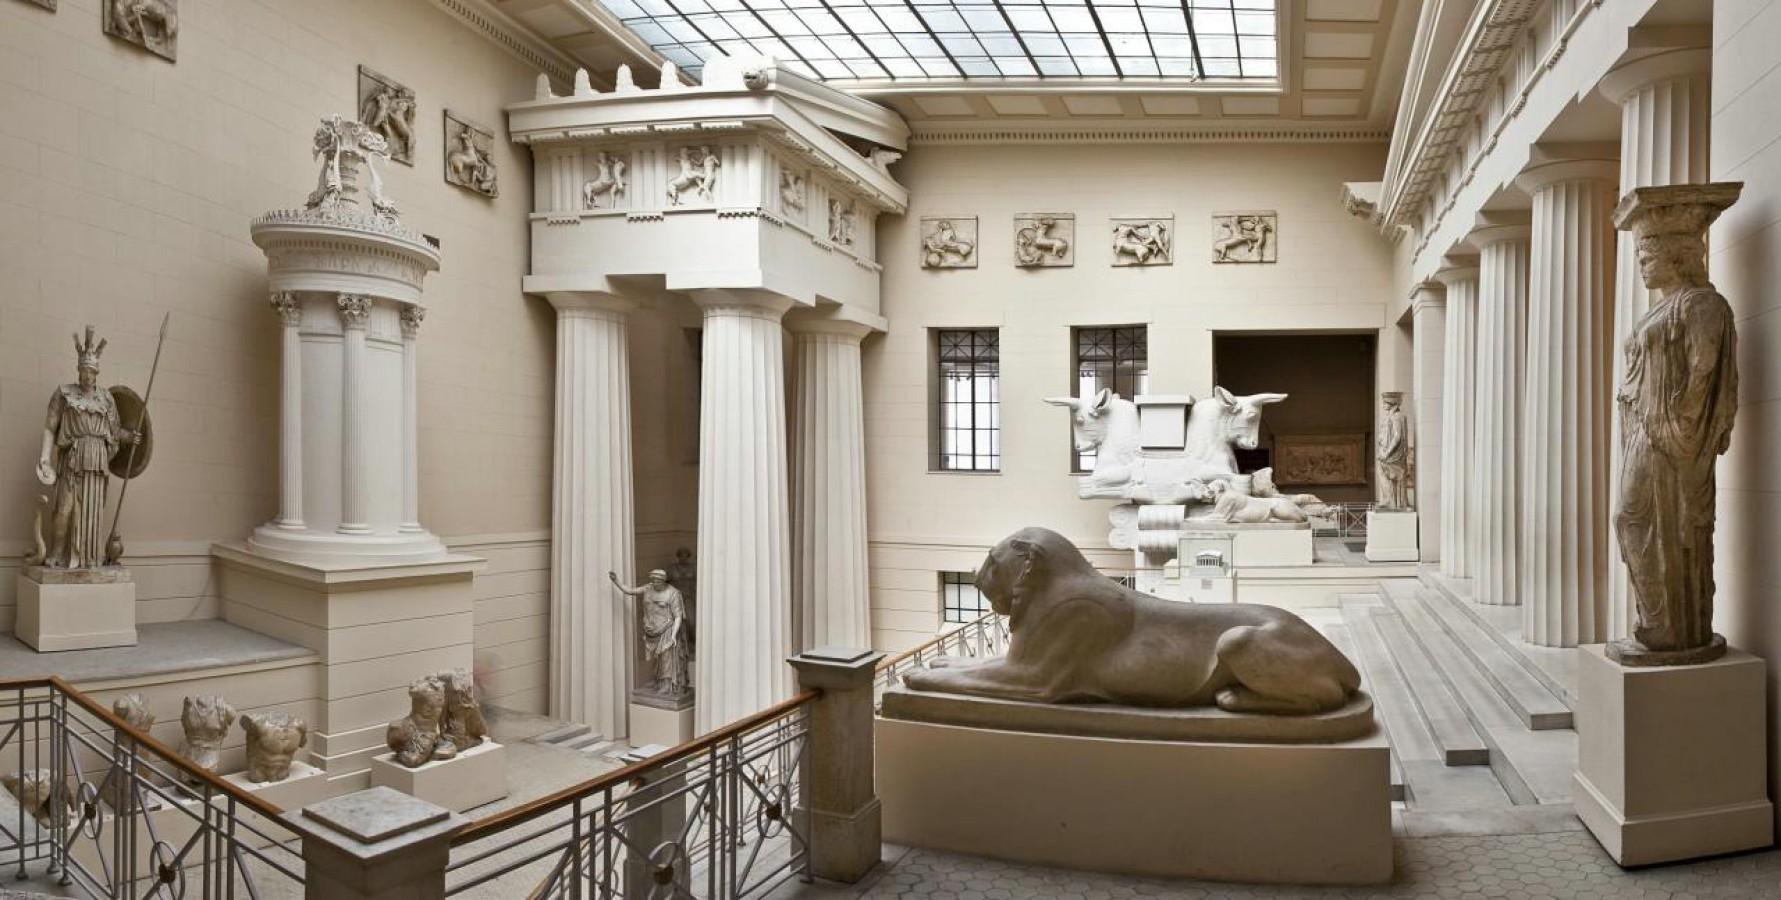 «Государственный музей изобразительных искусств имени А.С. Пушкина» фото 5